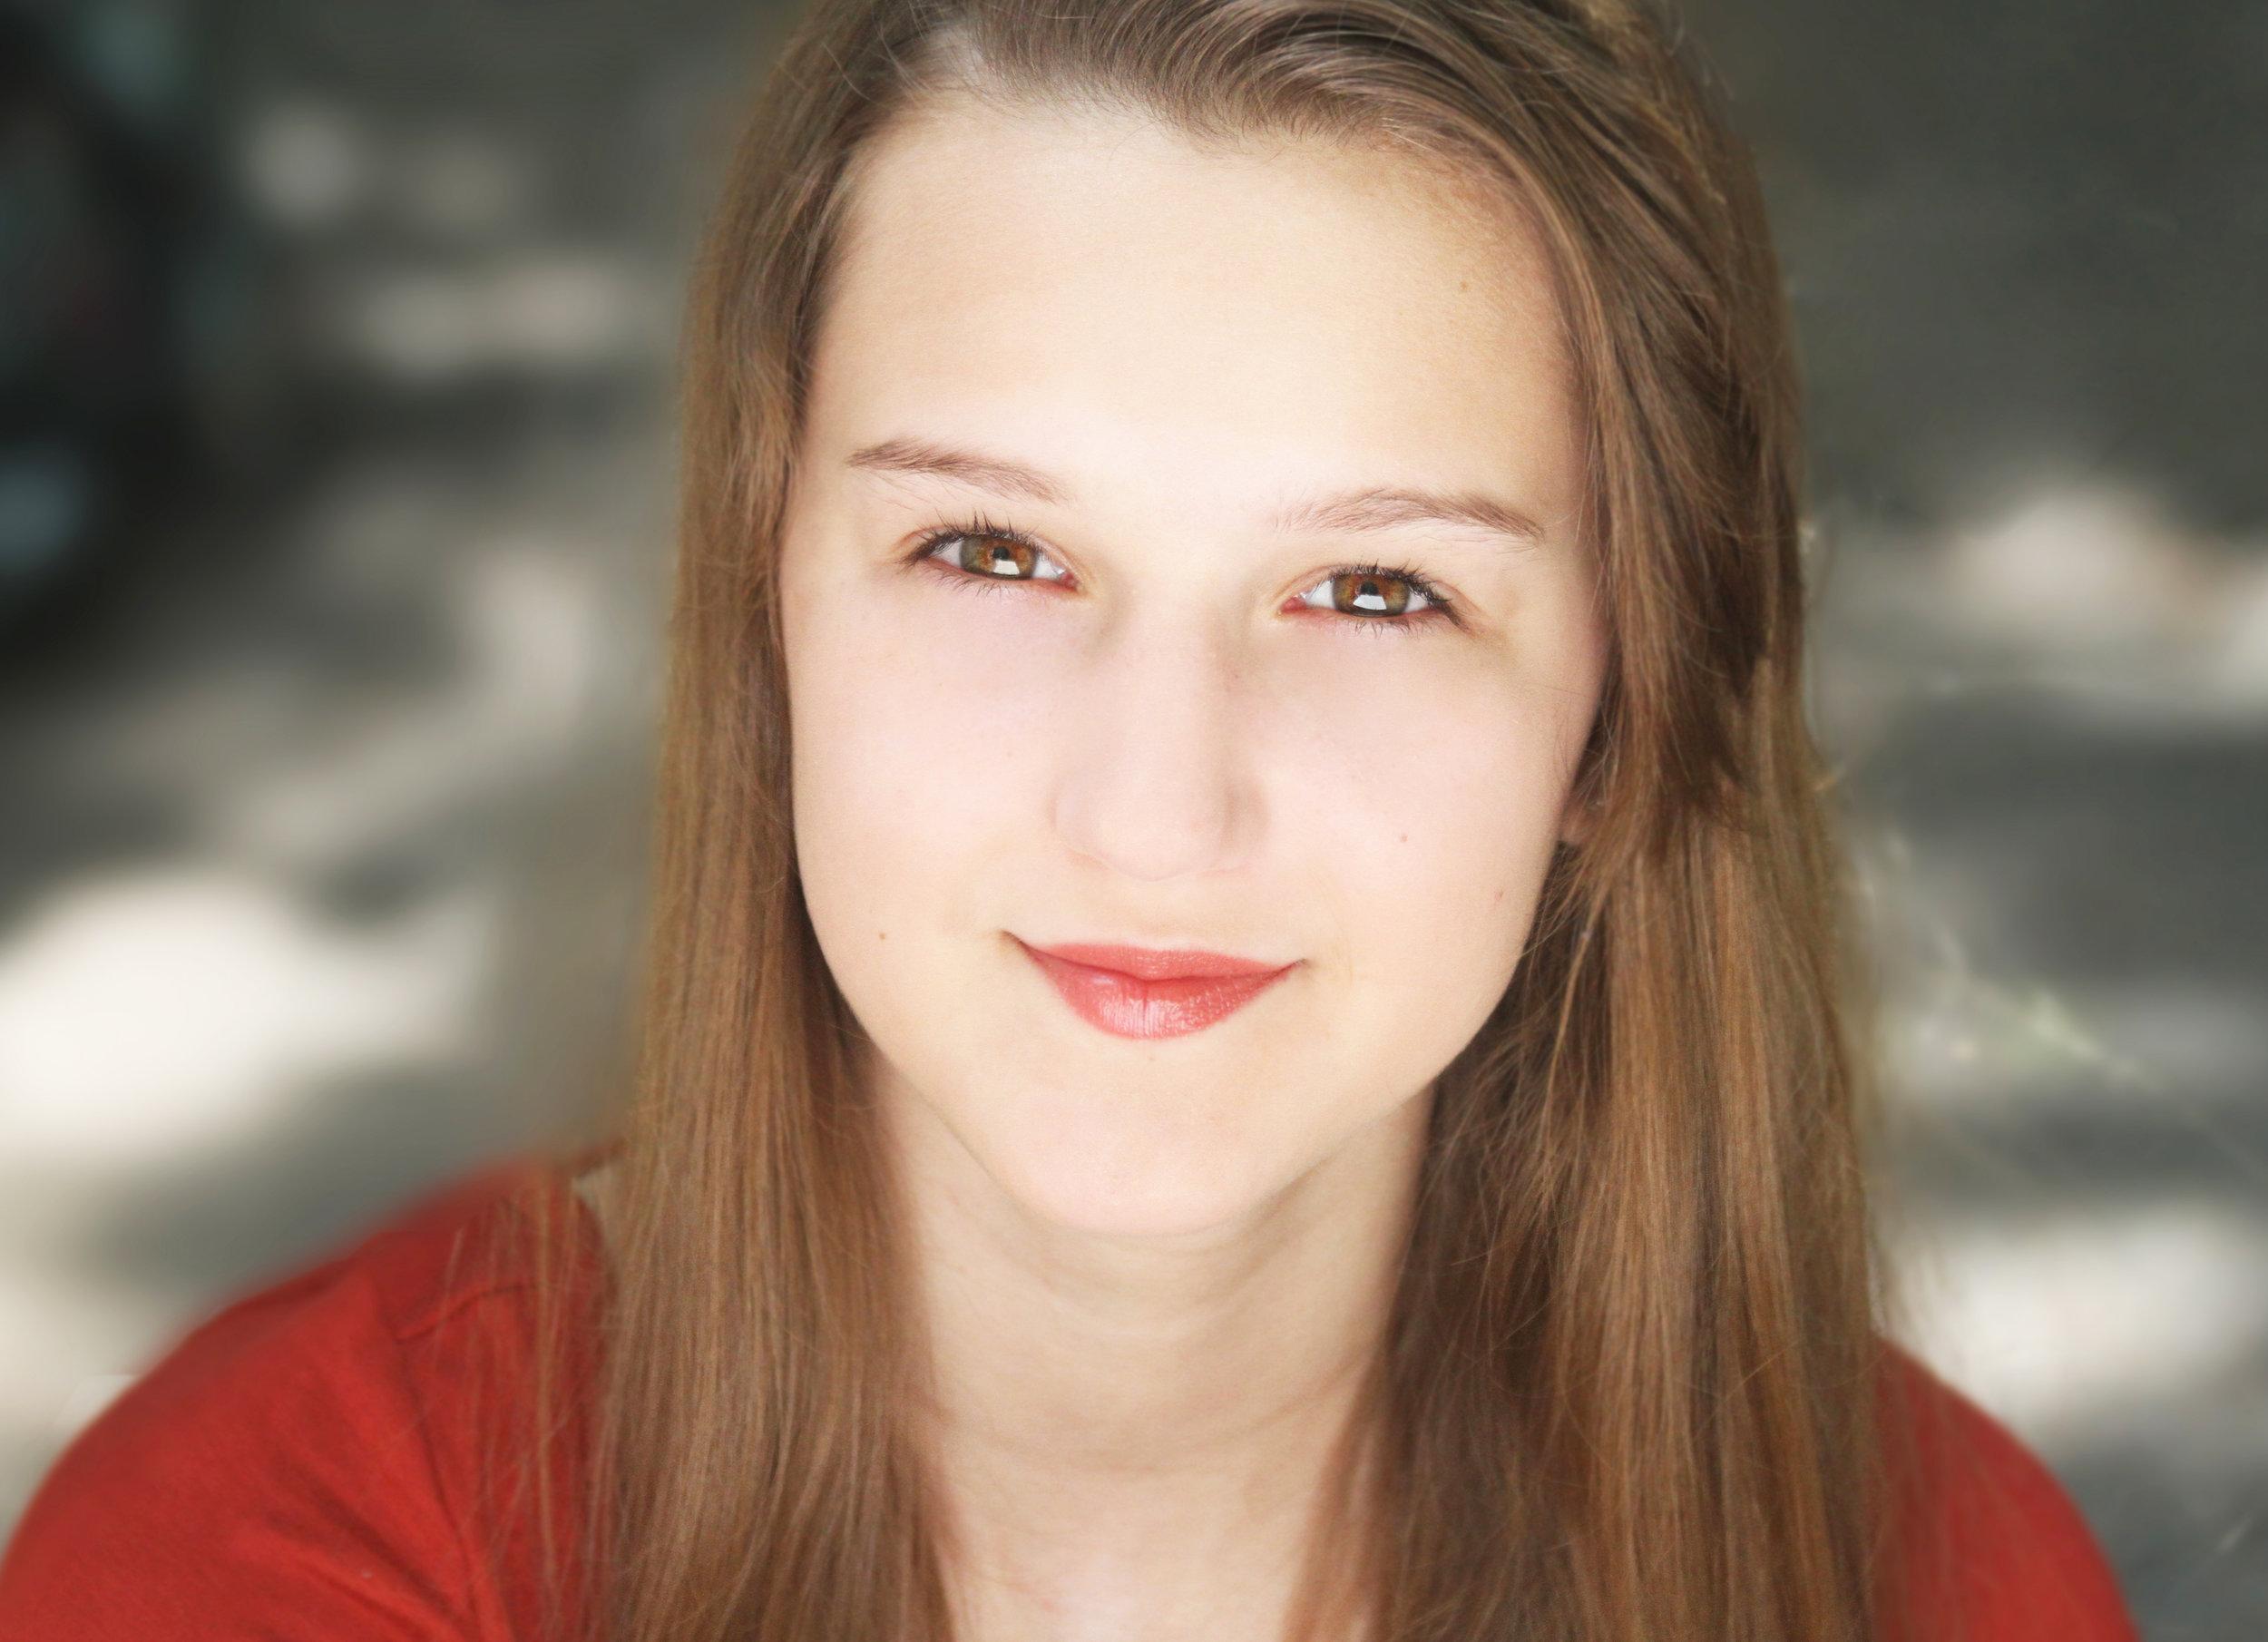 Anna Kate Cibrian